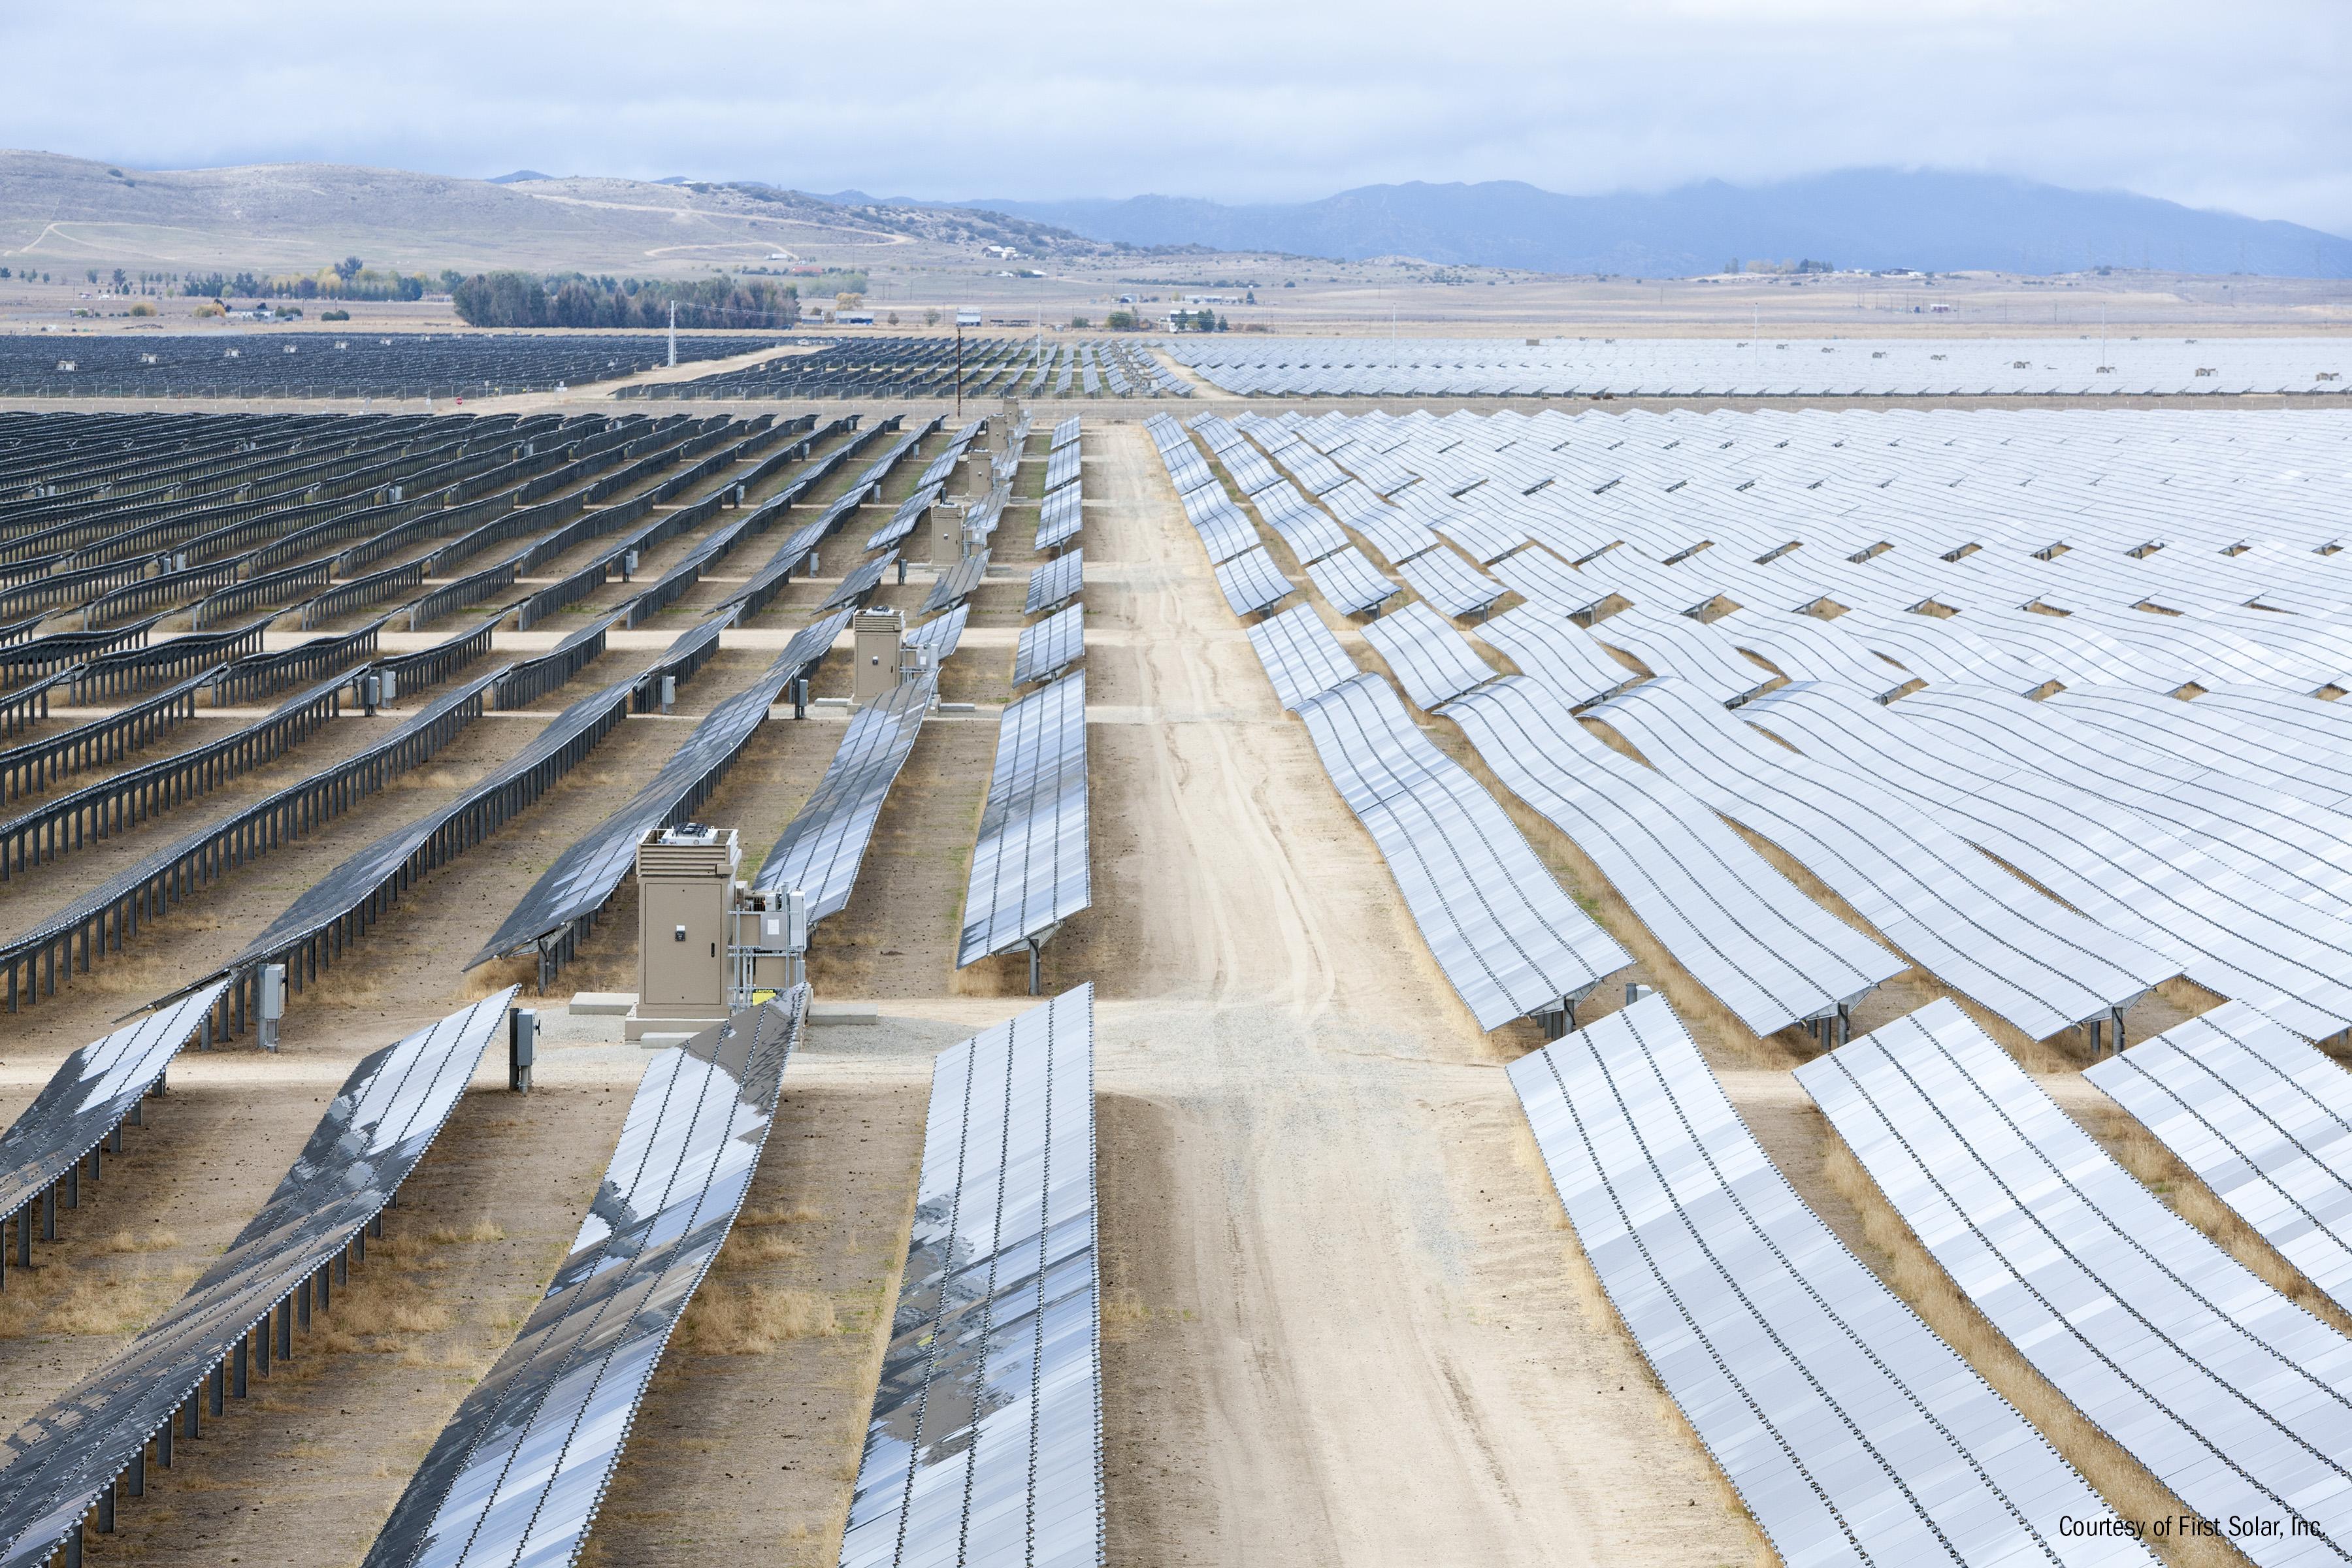 Image of a First Solar fixed tilt solar farm.